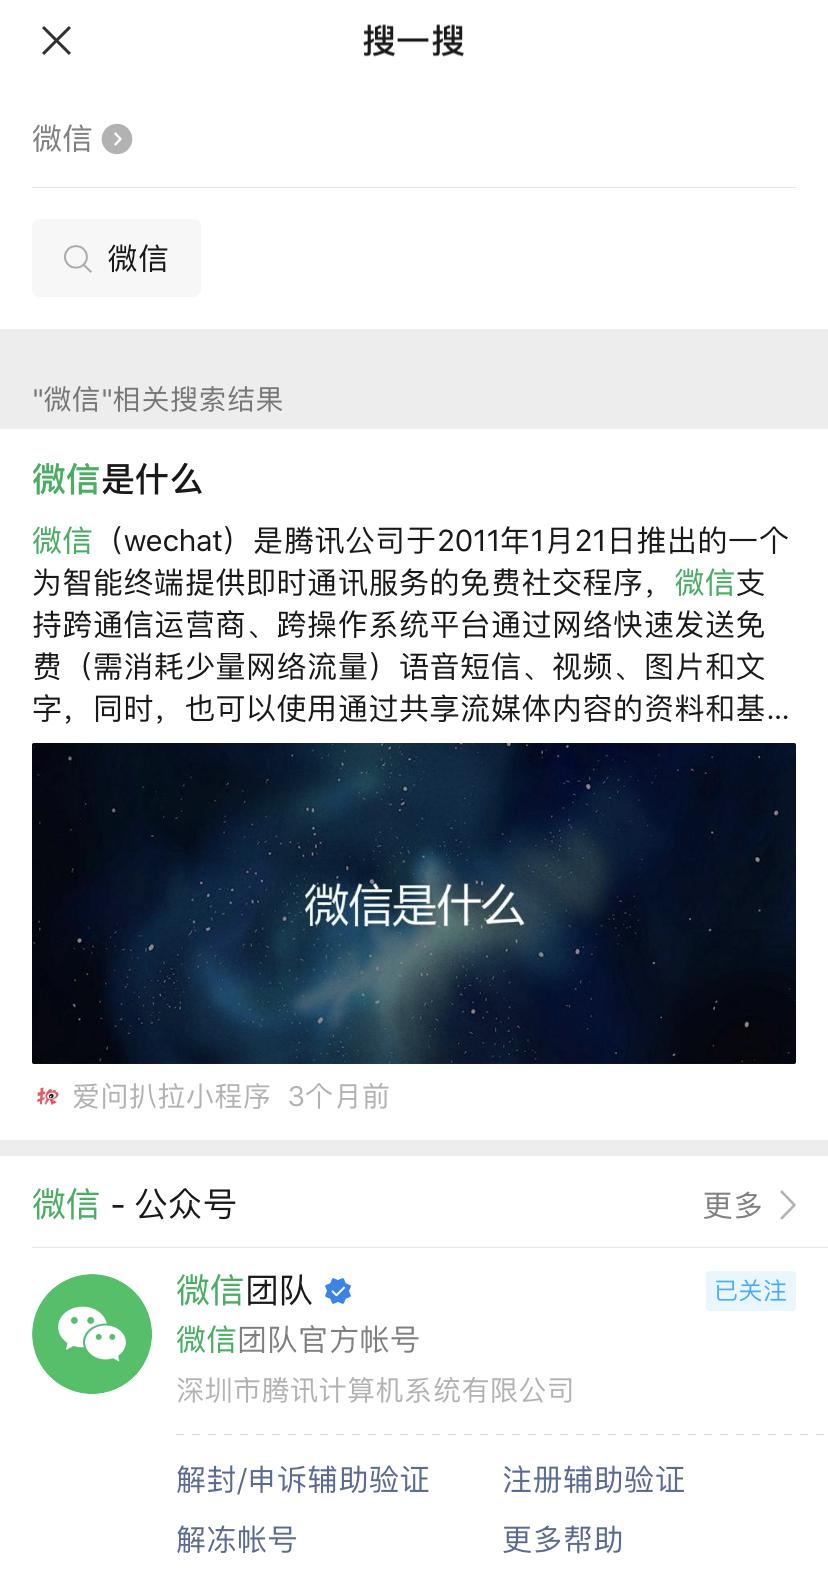 恒行2注册登录:     今天,微信又出新功能了!然而,网友还是不满足……                           每日经济新闻                        2020年09月09日 23:57